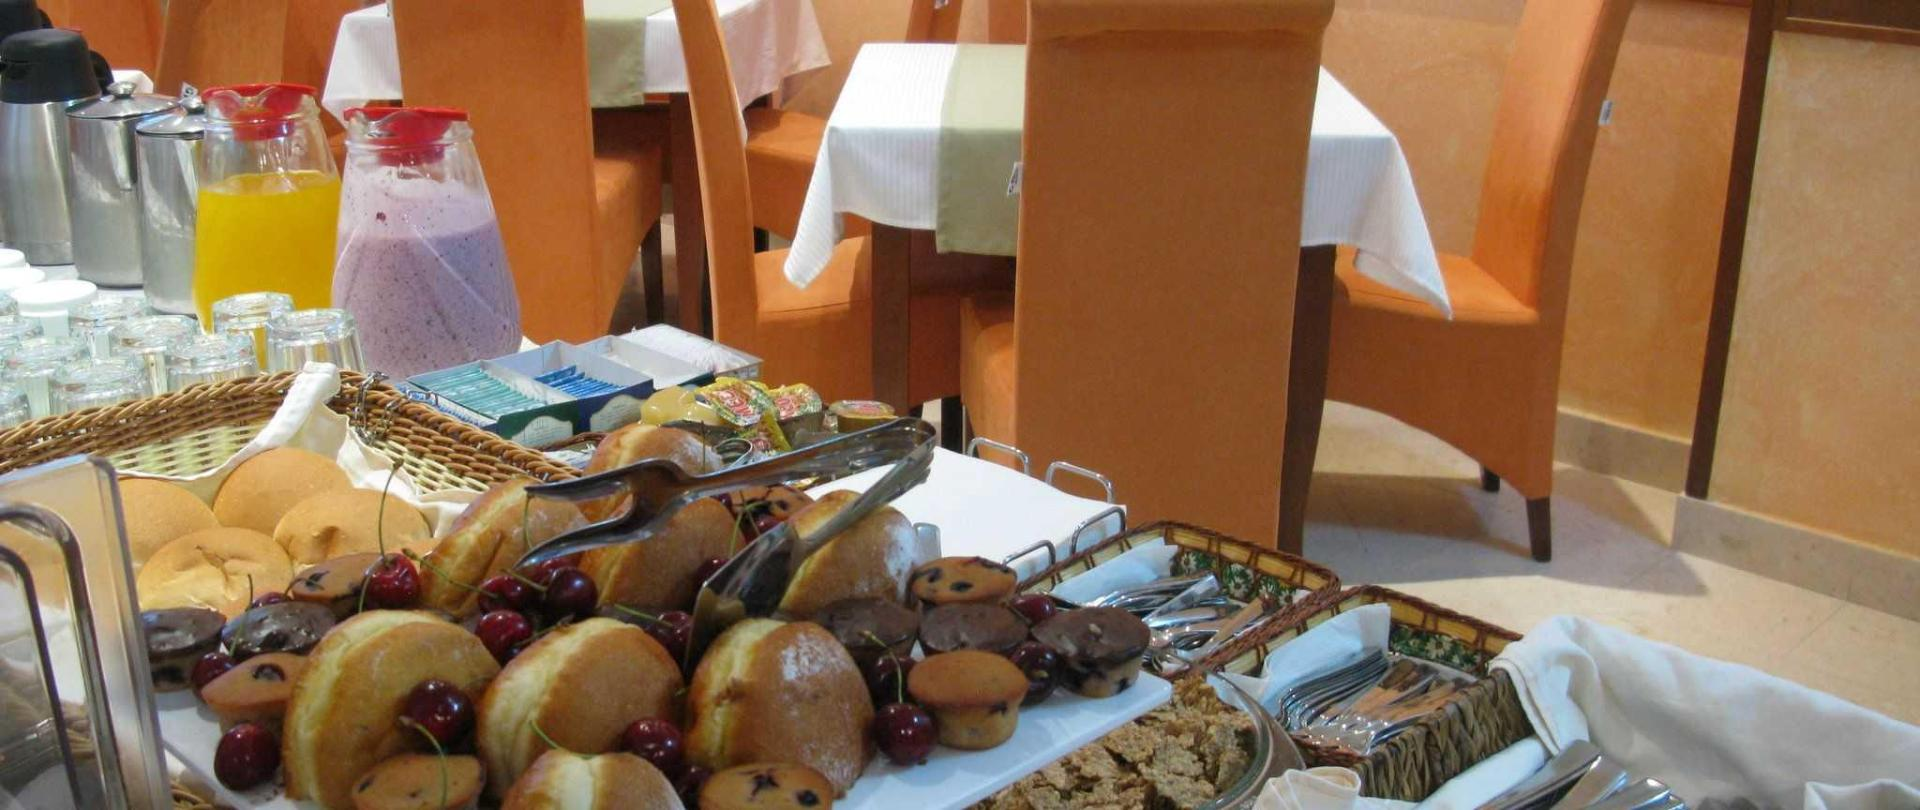 buffet.JPG